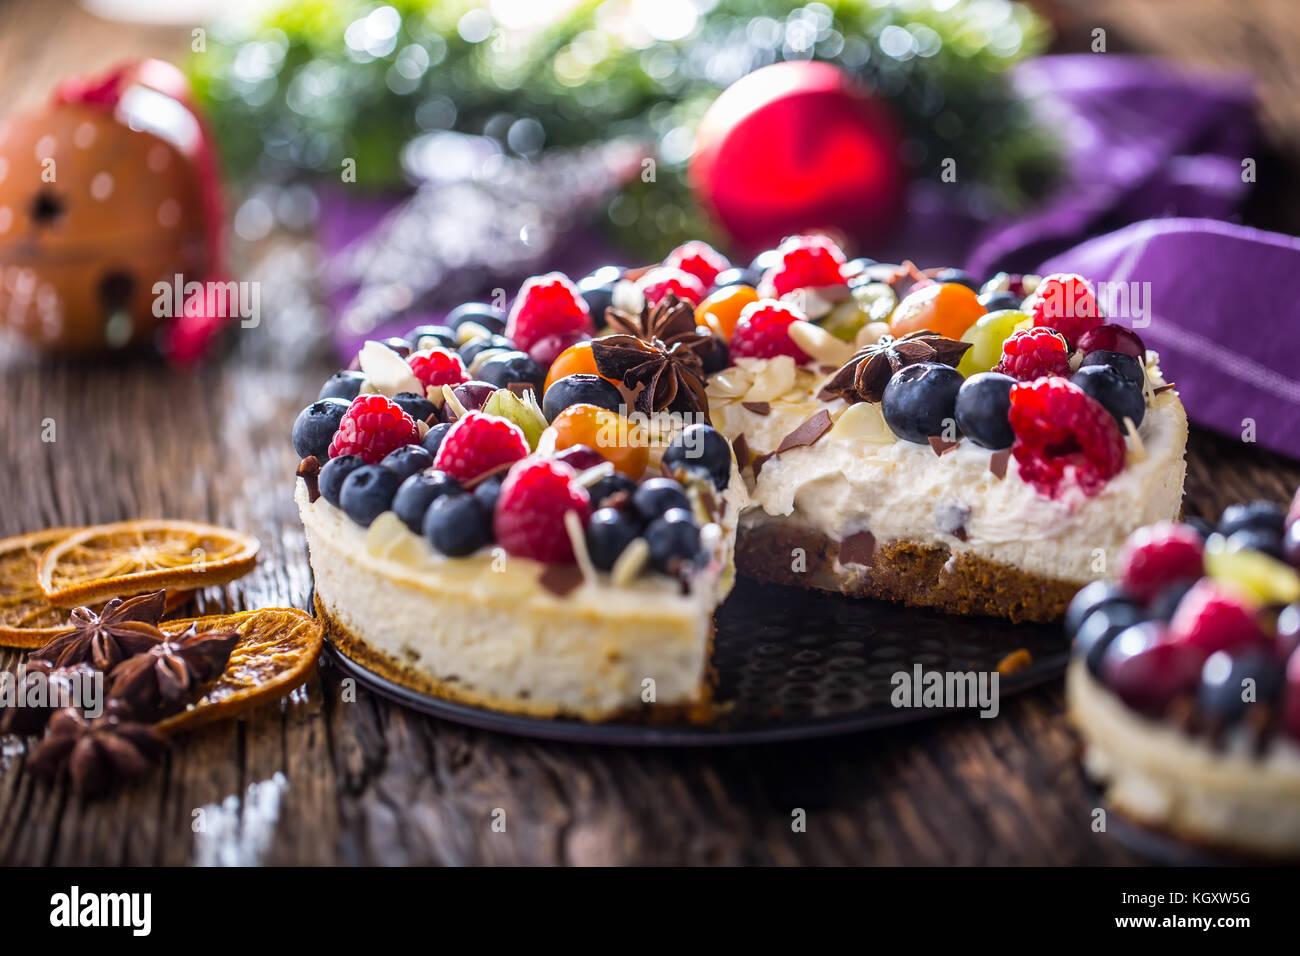 Cheescake avec baies de fruits frais fraises framboises et anis étoilé. Cheescake de Noël avec décoration de noël. Banque D'Images